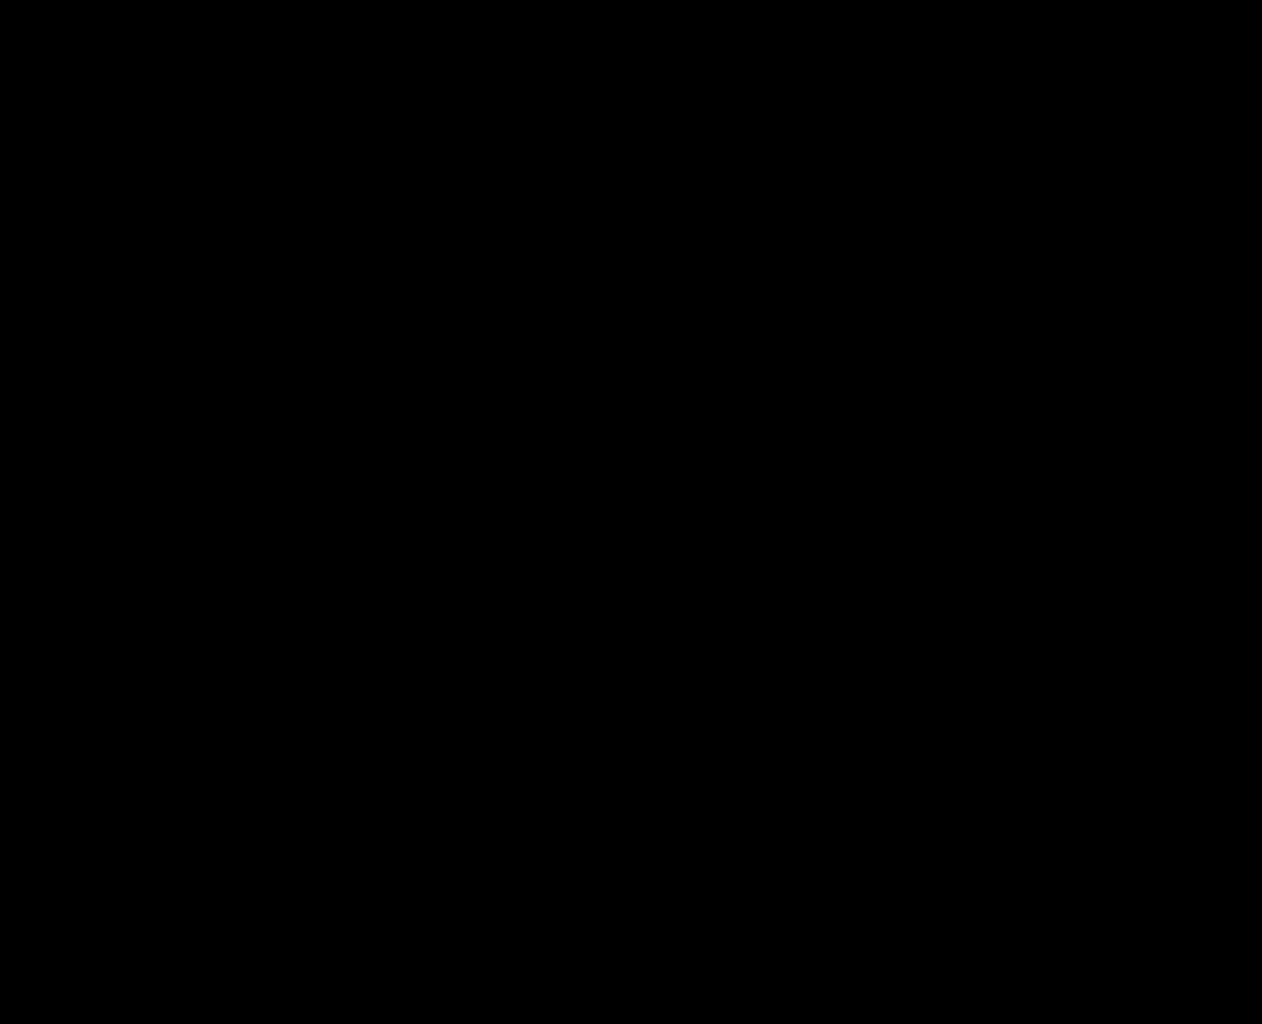 4-Methoxynaphthalen- 1-yl- (1-pentylindol- 3-yl)methanone